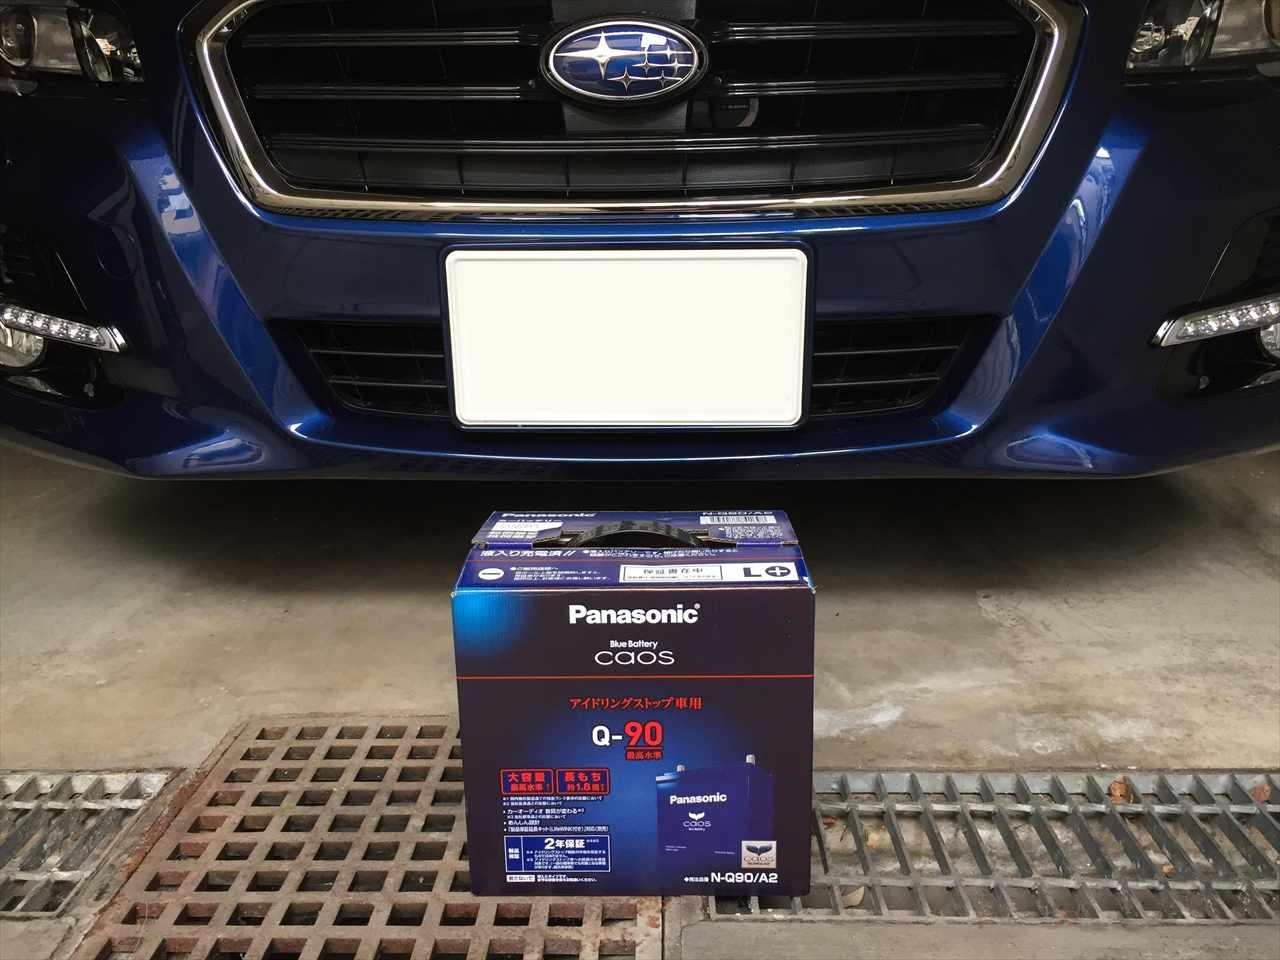 バッテリー交換 Panasonic Blue Battery caos N-Q90/A2 byJAF